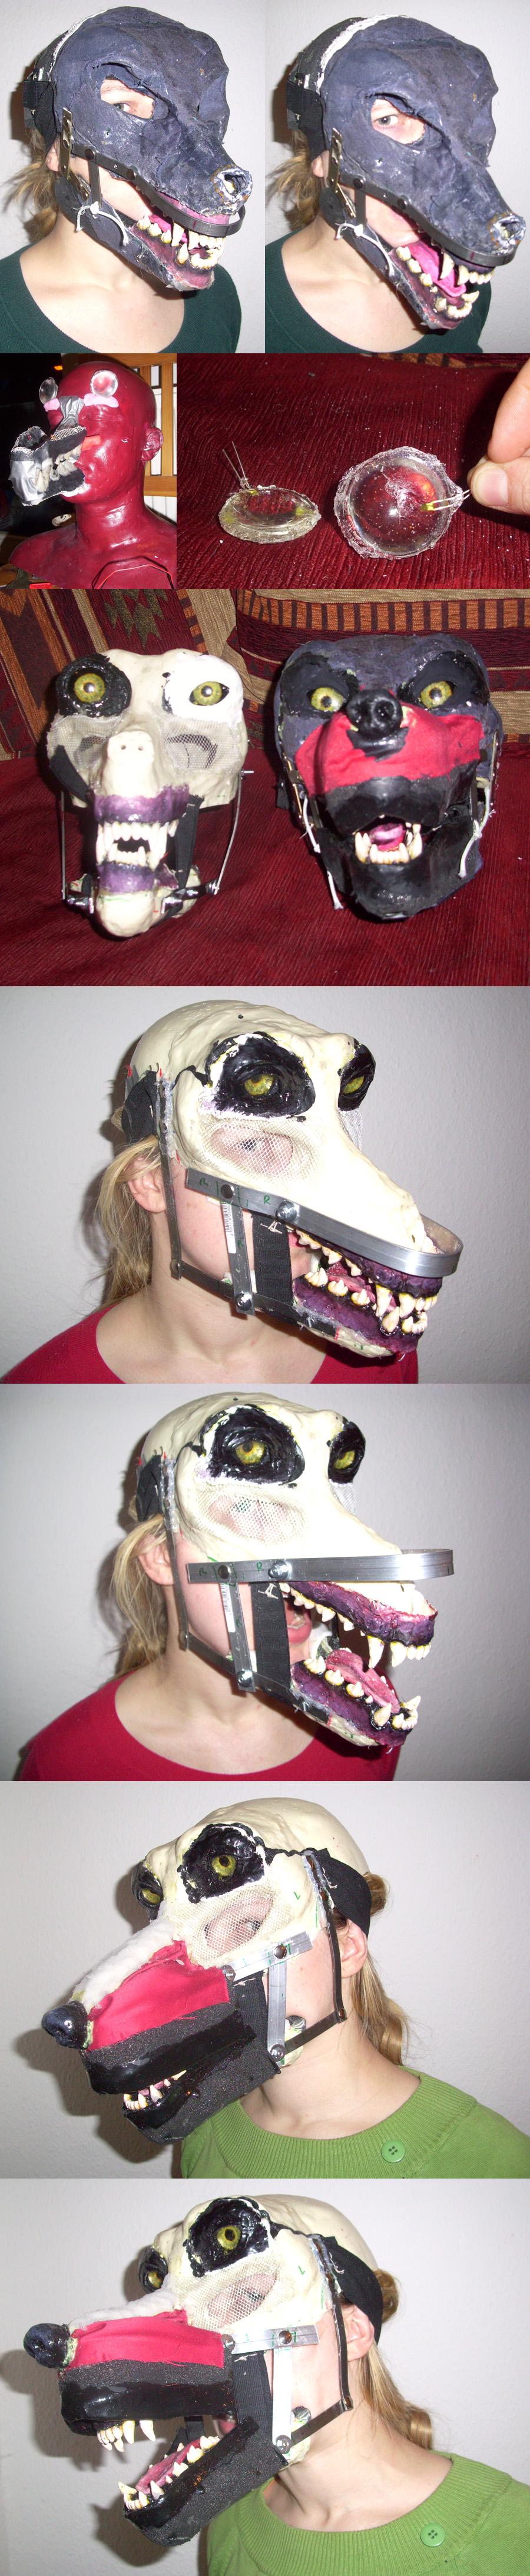 Wolf-Mask - Walkthrough 05 by poisonmilow